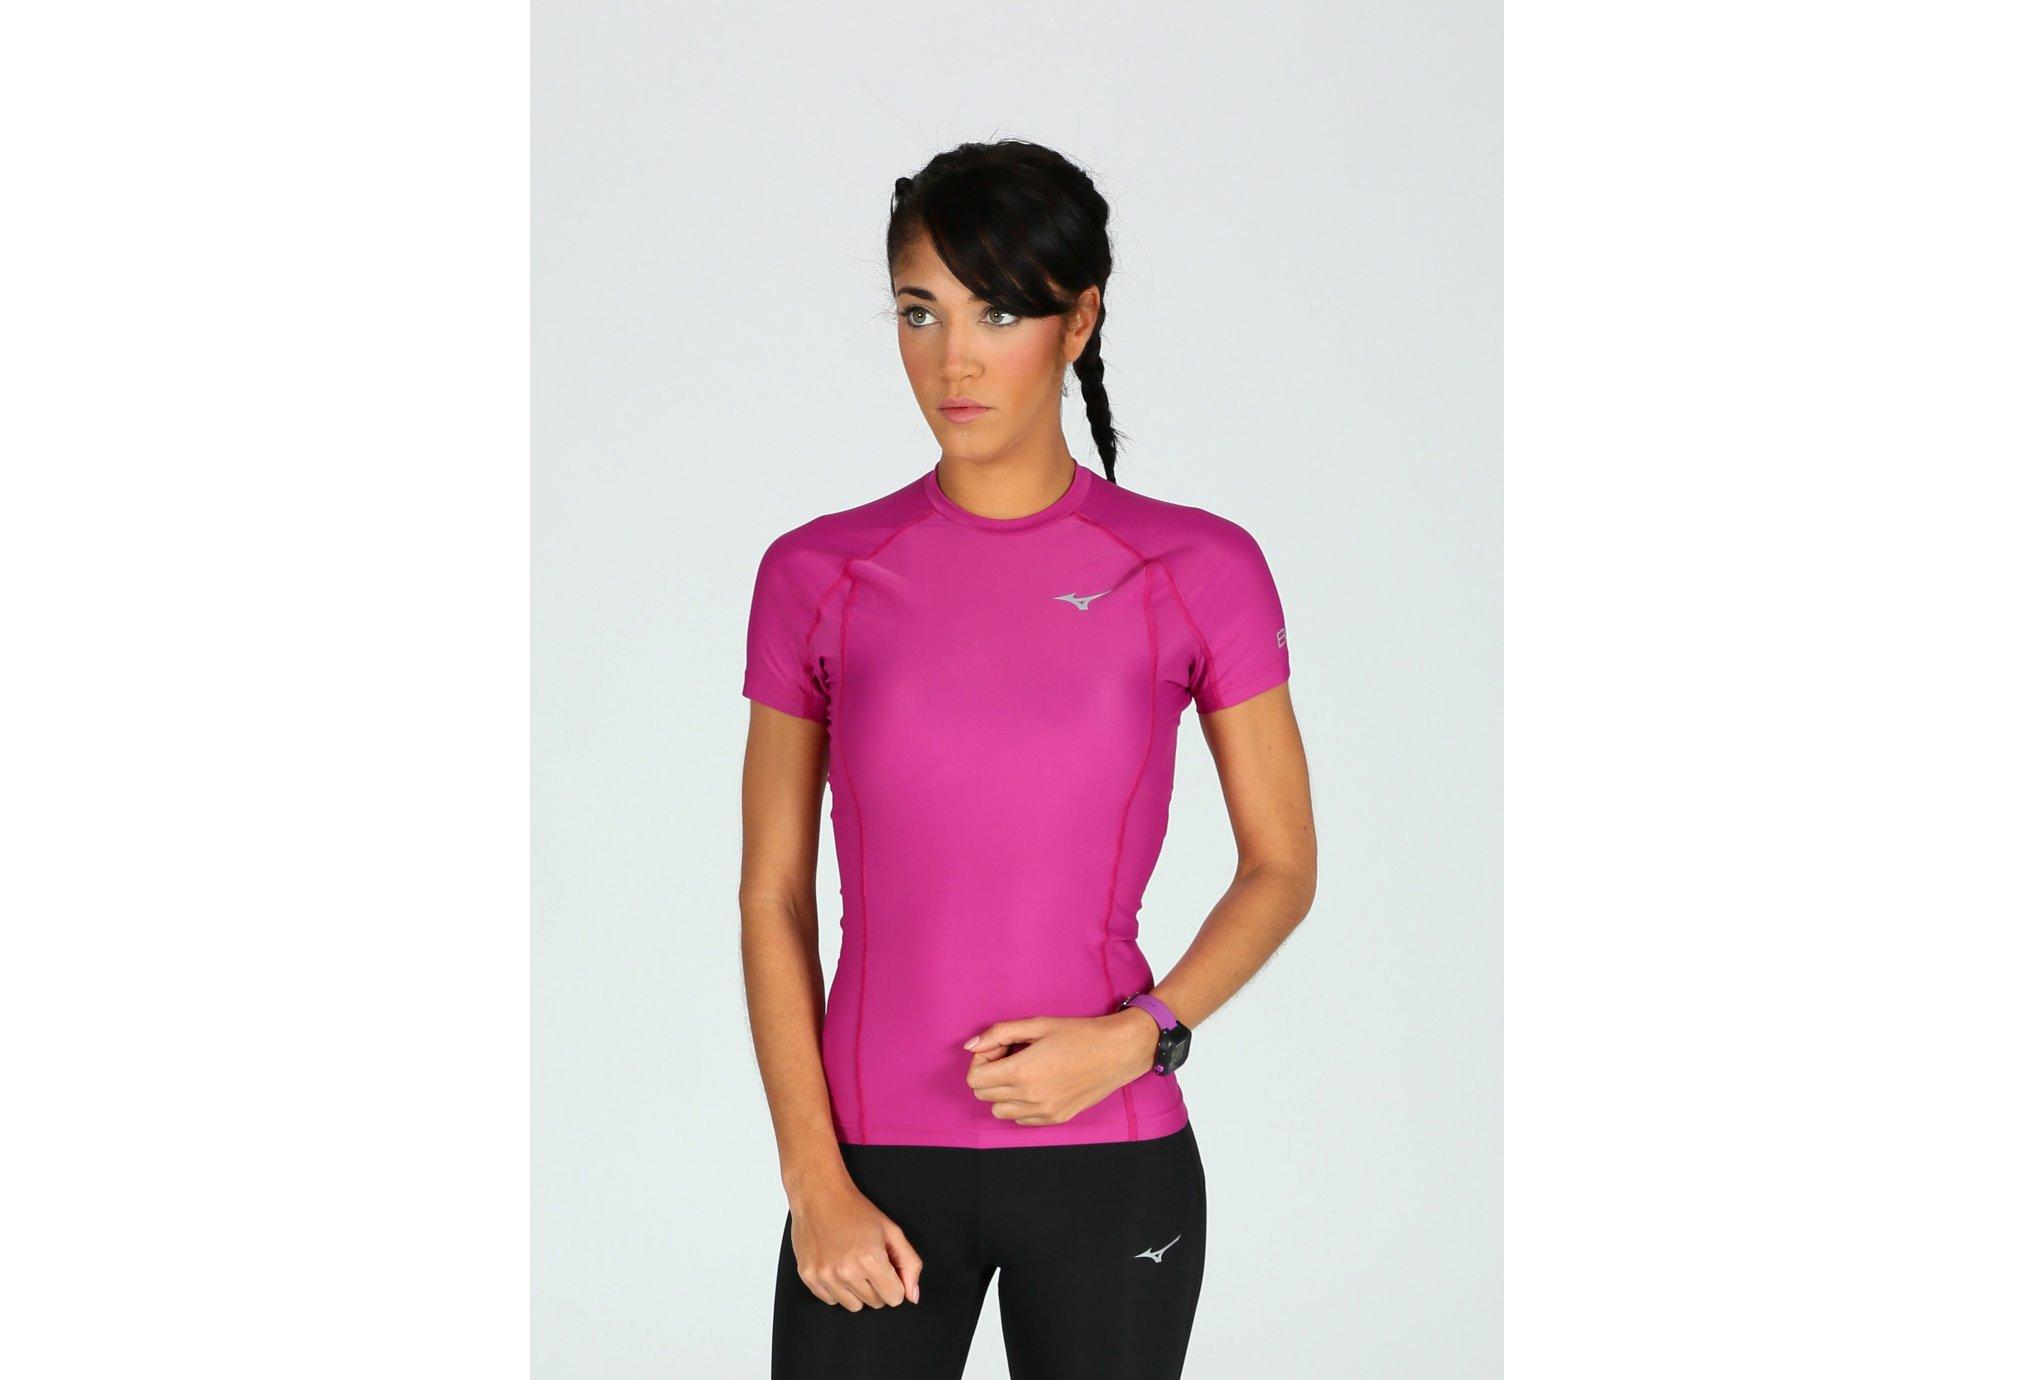 Mizuno Tee-shirt BioGear W Diététique Vêtements femme